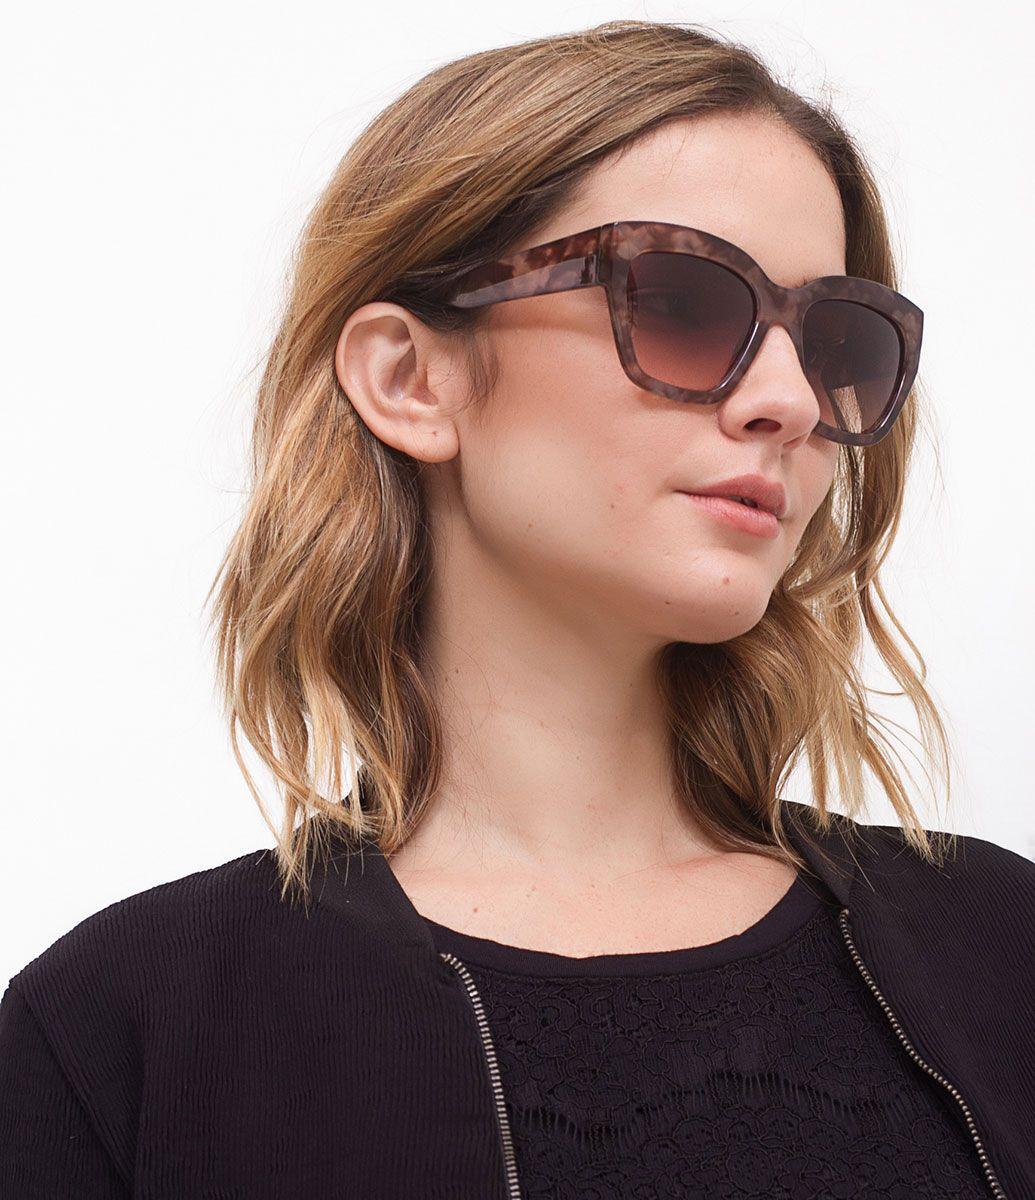 7d84eb38a0281 Óculos de sol Modelo quadrado Hastes marrom em acetato Lentes fumê degradê  Proteção contra raios UVA